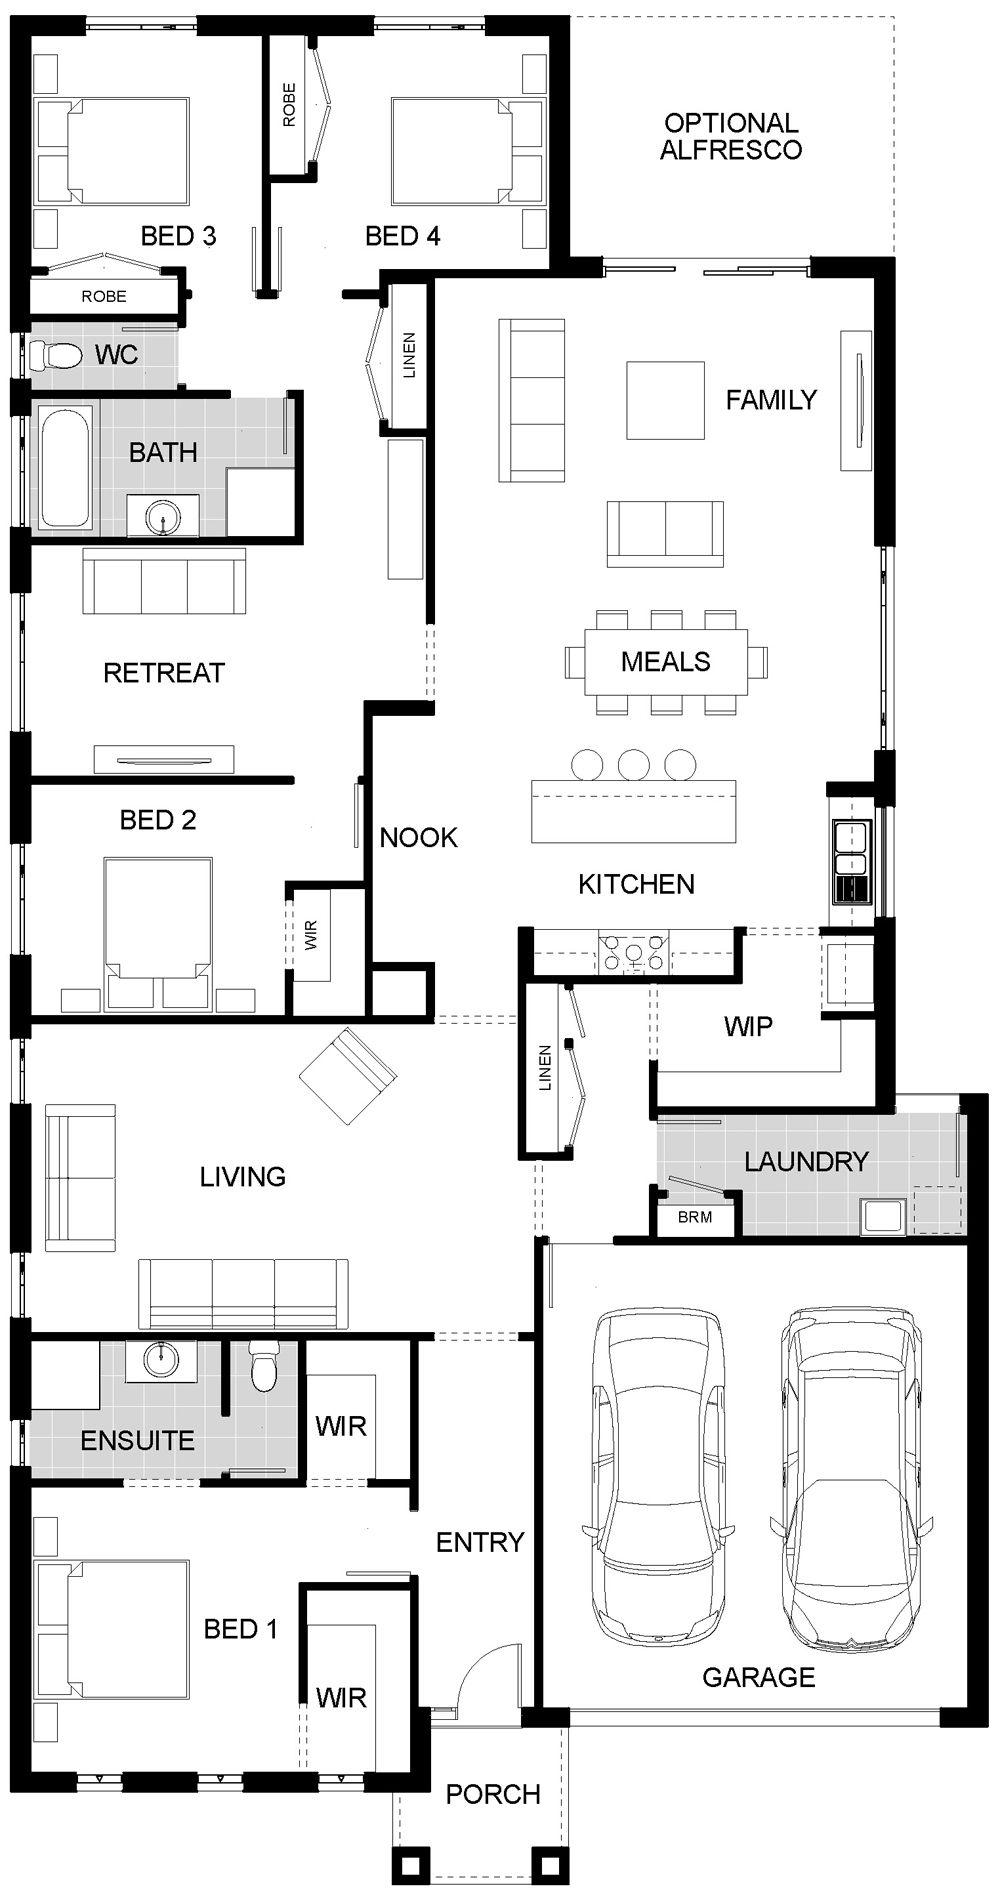 A nice layout austin 1 casa vg pinterest casas for Casas de campo modernas